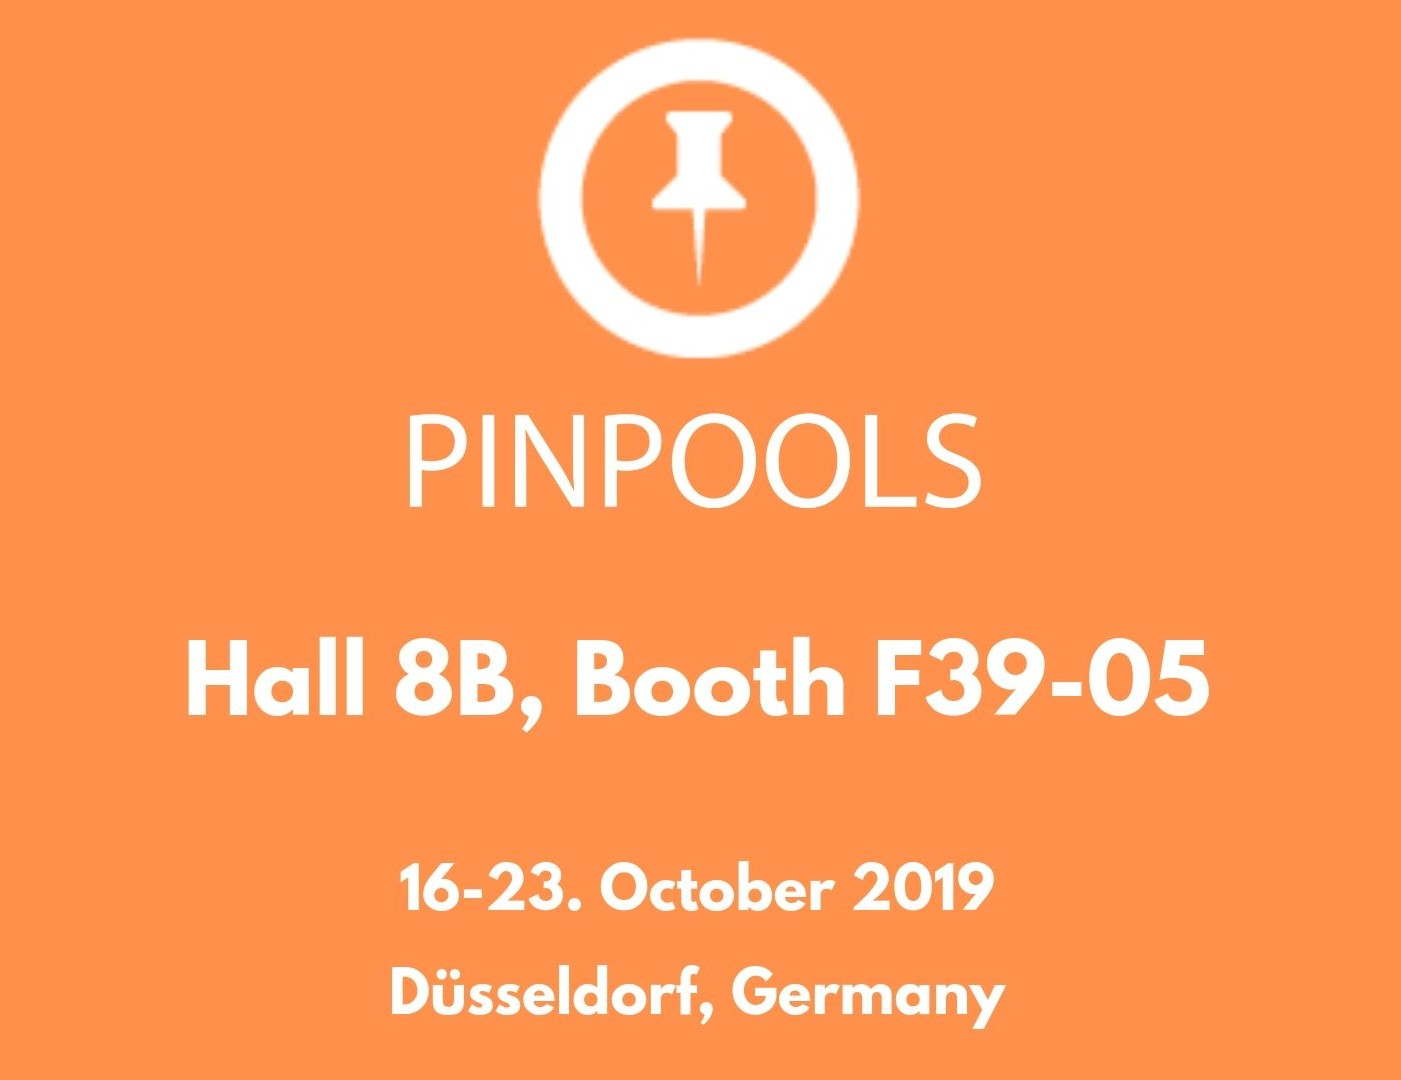 PINPOOLS in K2019 Fair